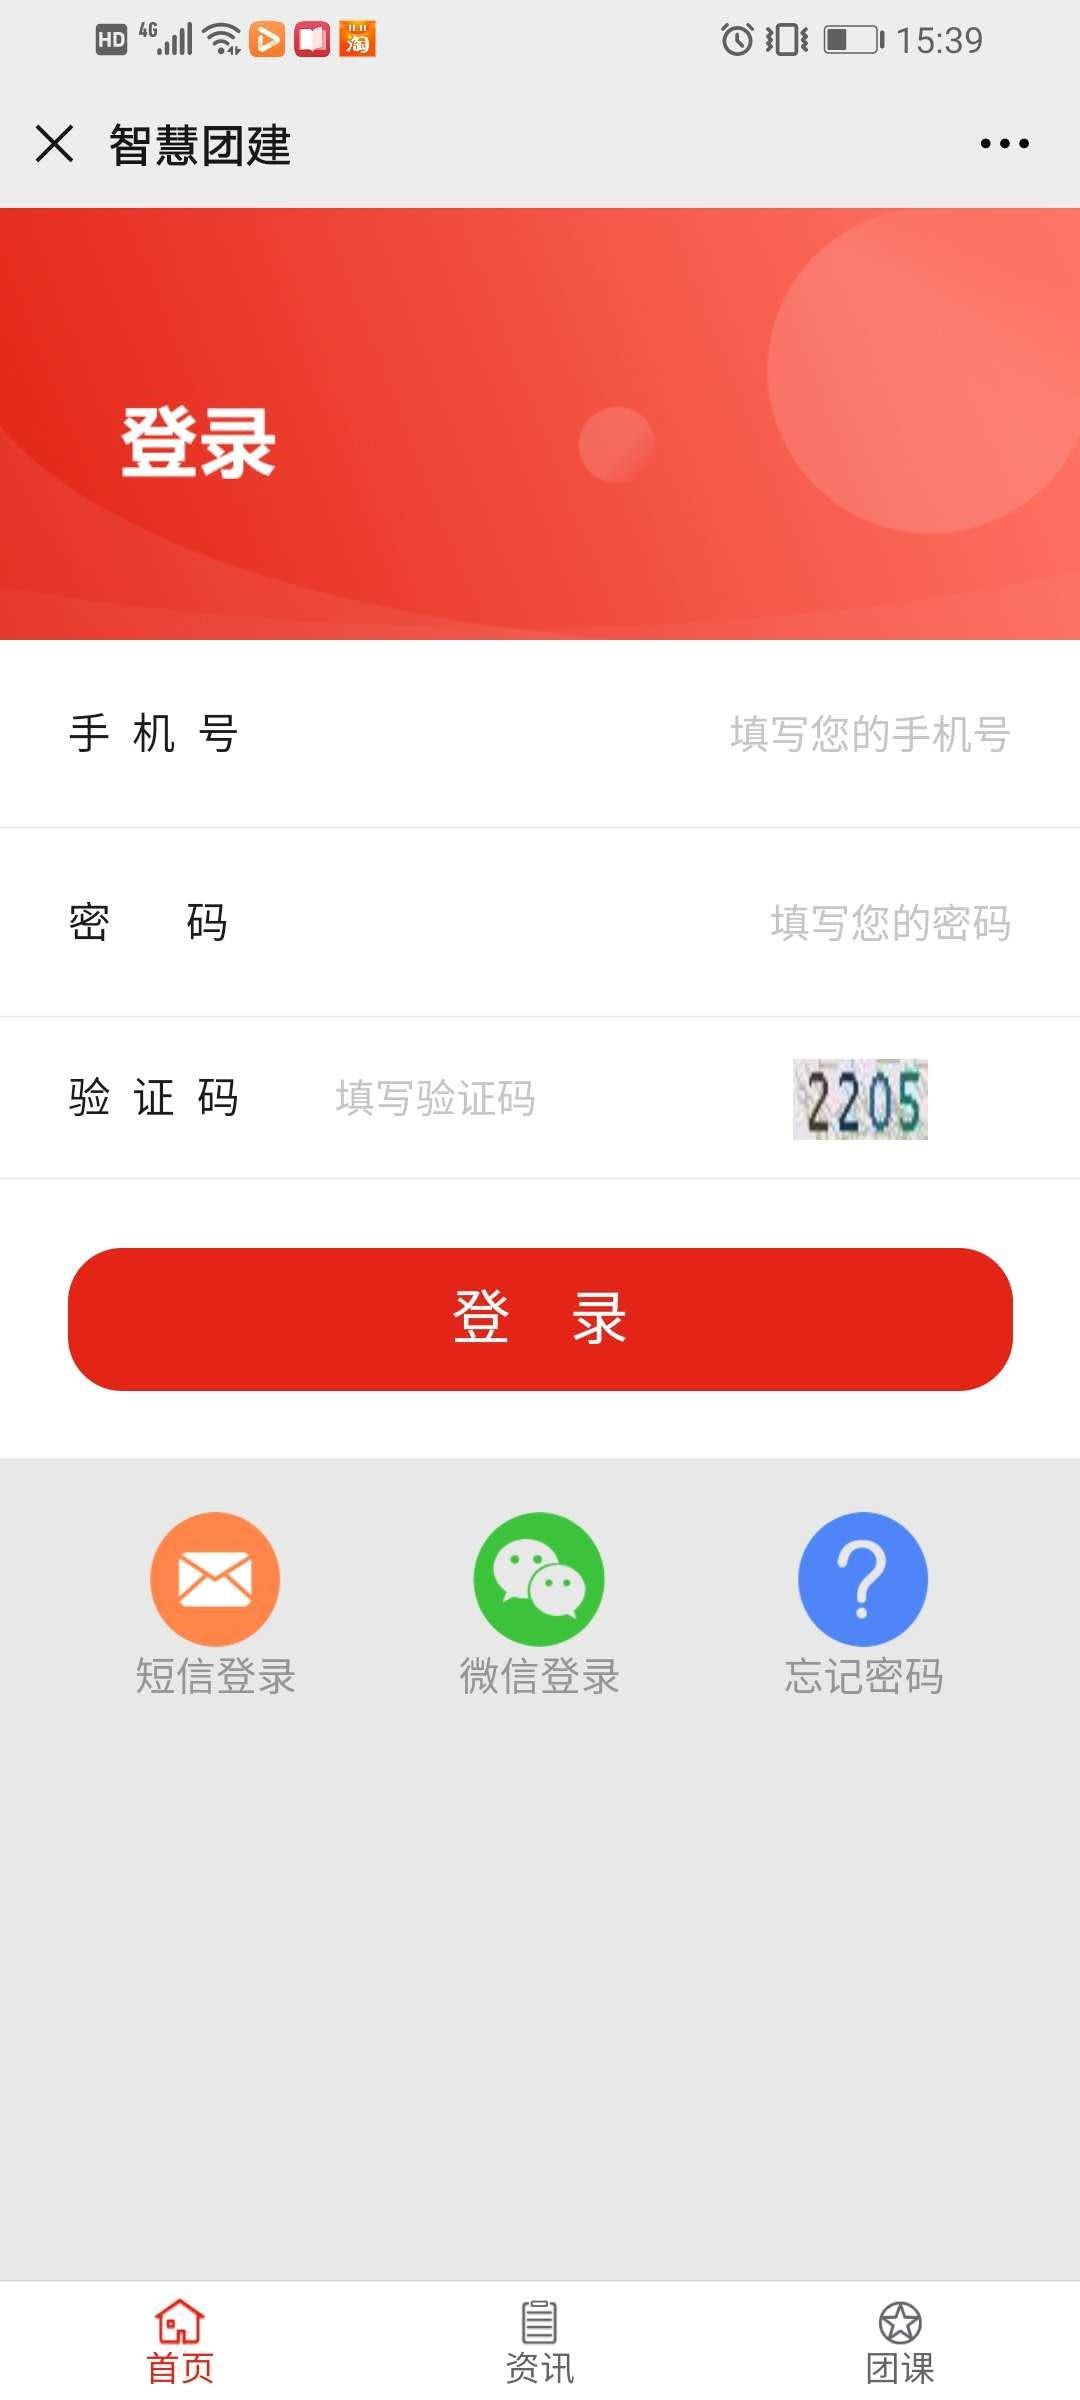 深圳坪社保局_福建共青团智慧团建团员报道流程- 本地宝